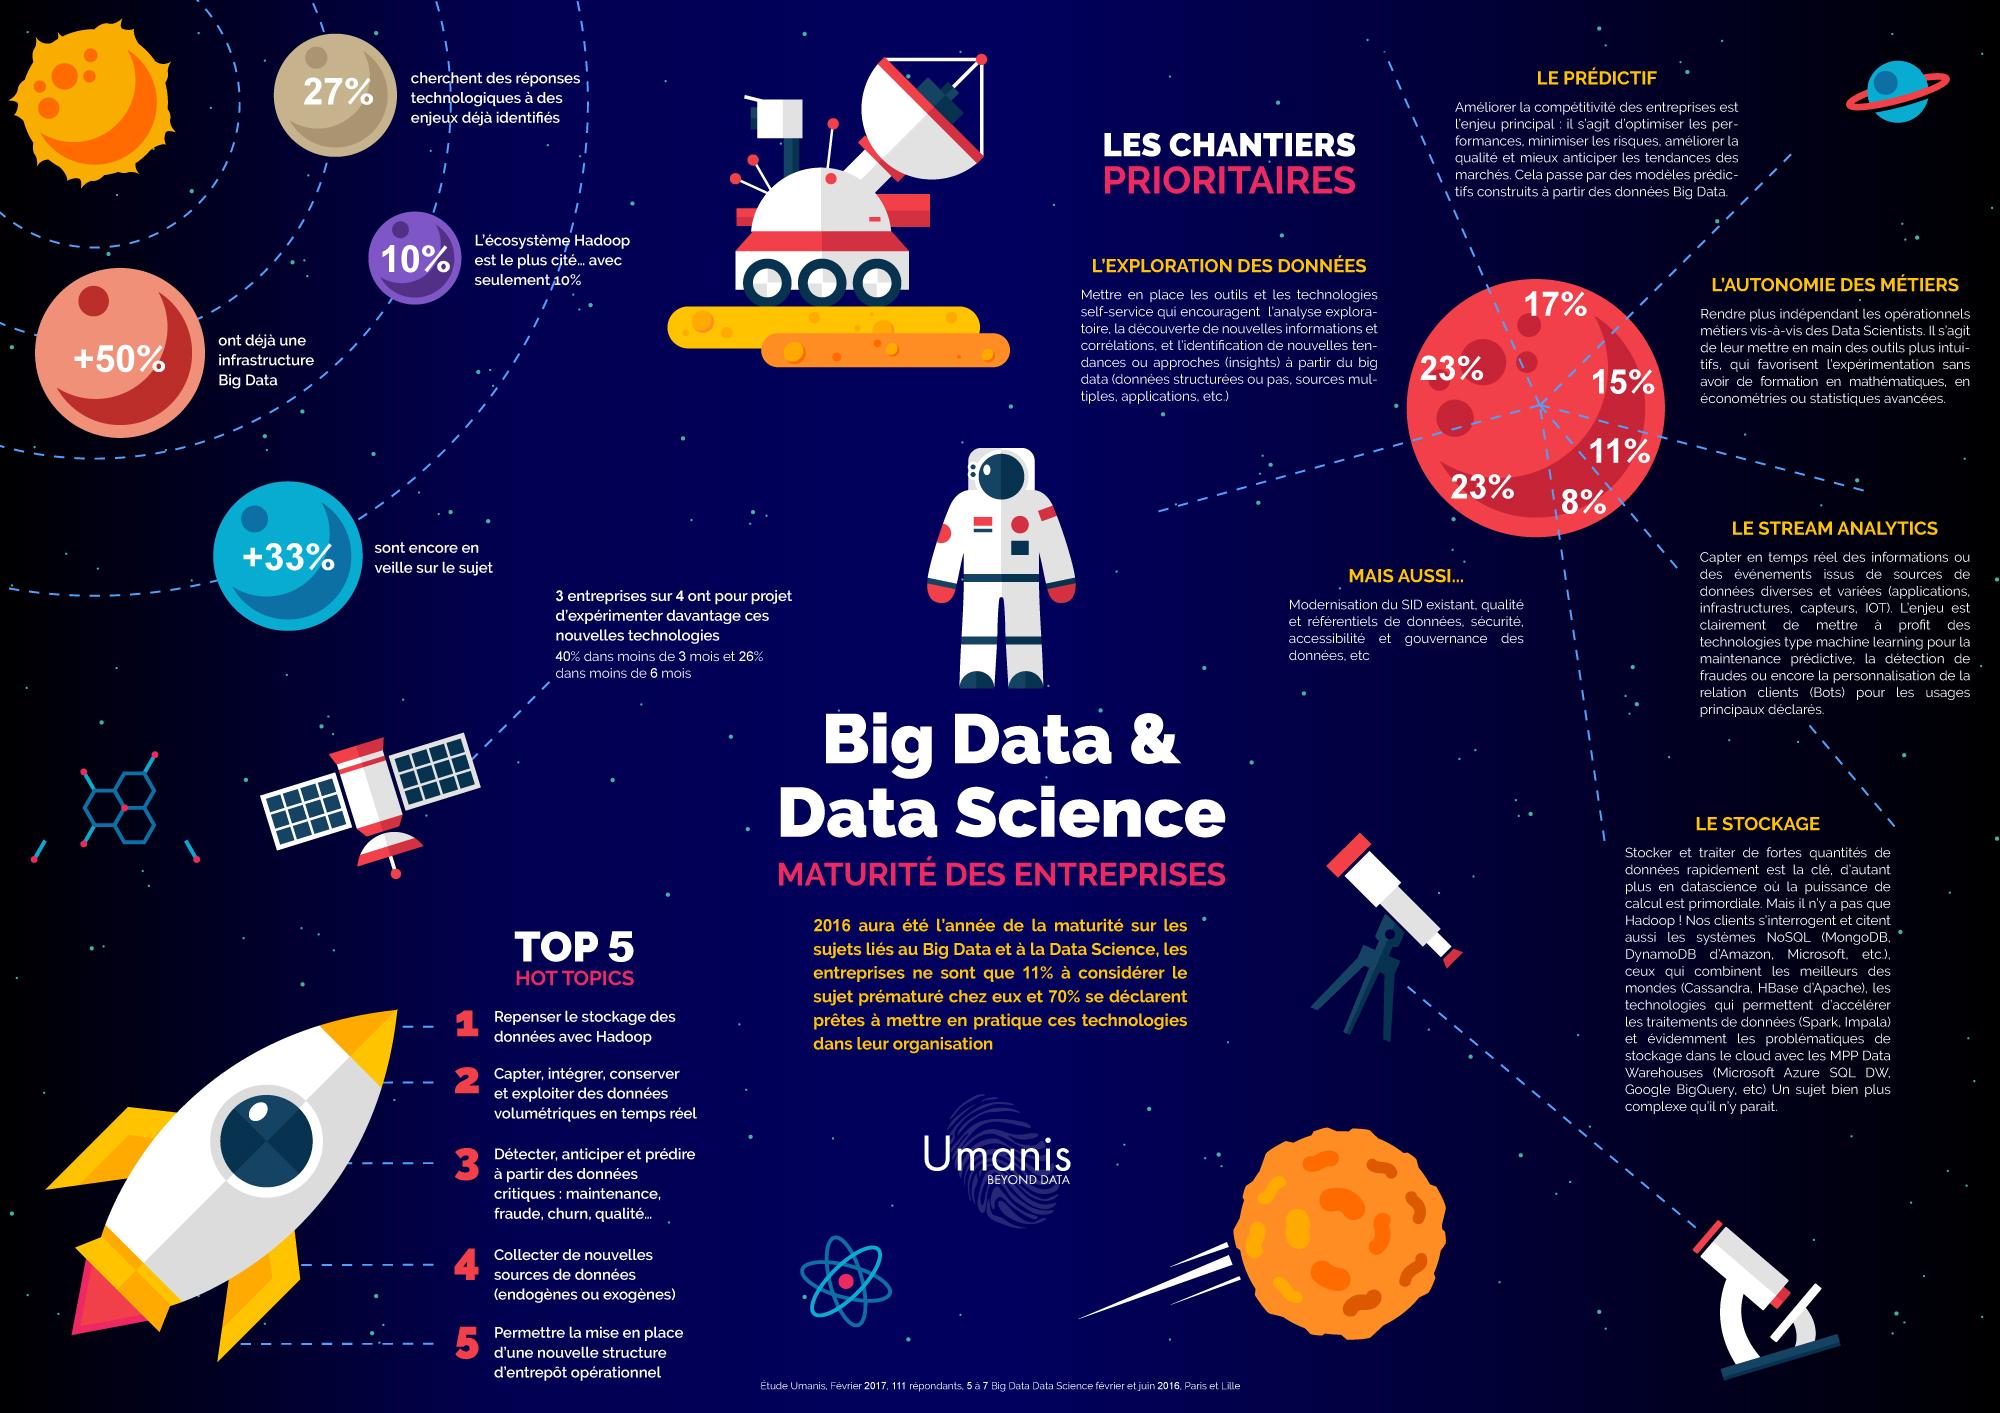 Découvrez les chiffres à travers une infographie détaillée. Suite aux deux derniers 5à7 réalisés par Umanis (umanis.com) et dédiés au Big Data et à la Data Science, le leader français en Data, Solutions Métiers et Digital a sondé les entreprises présentes